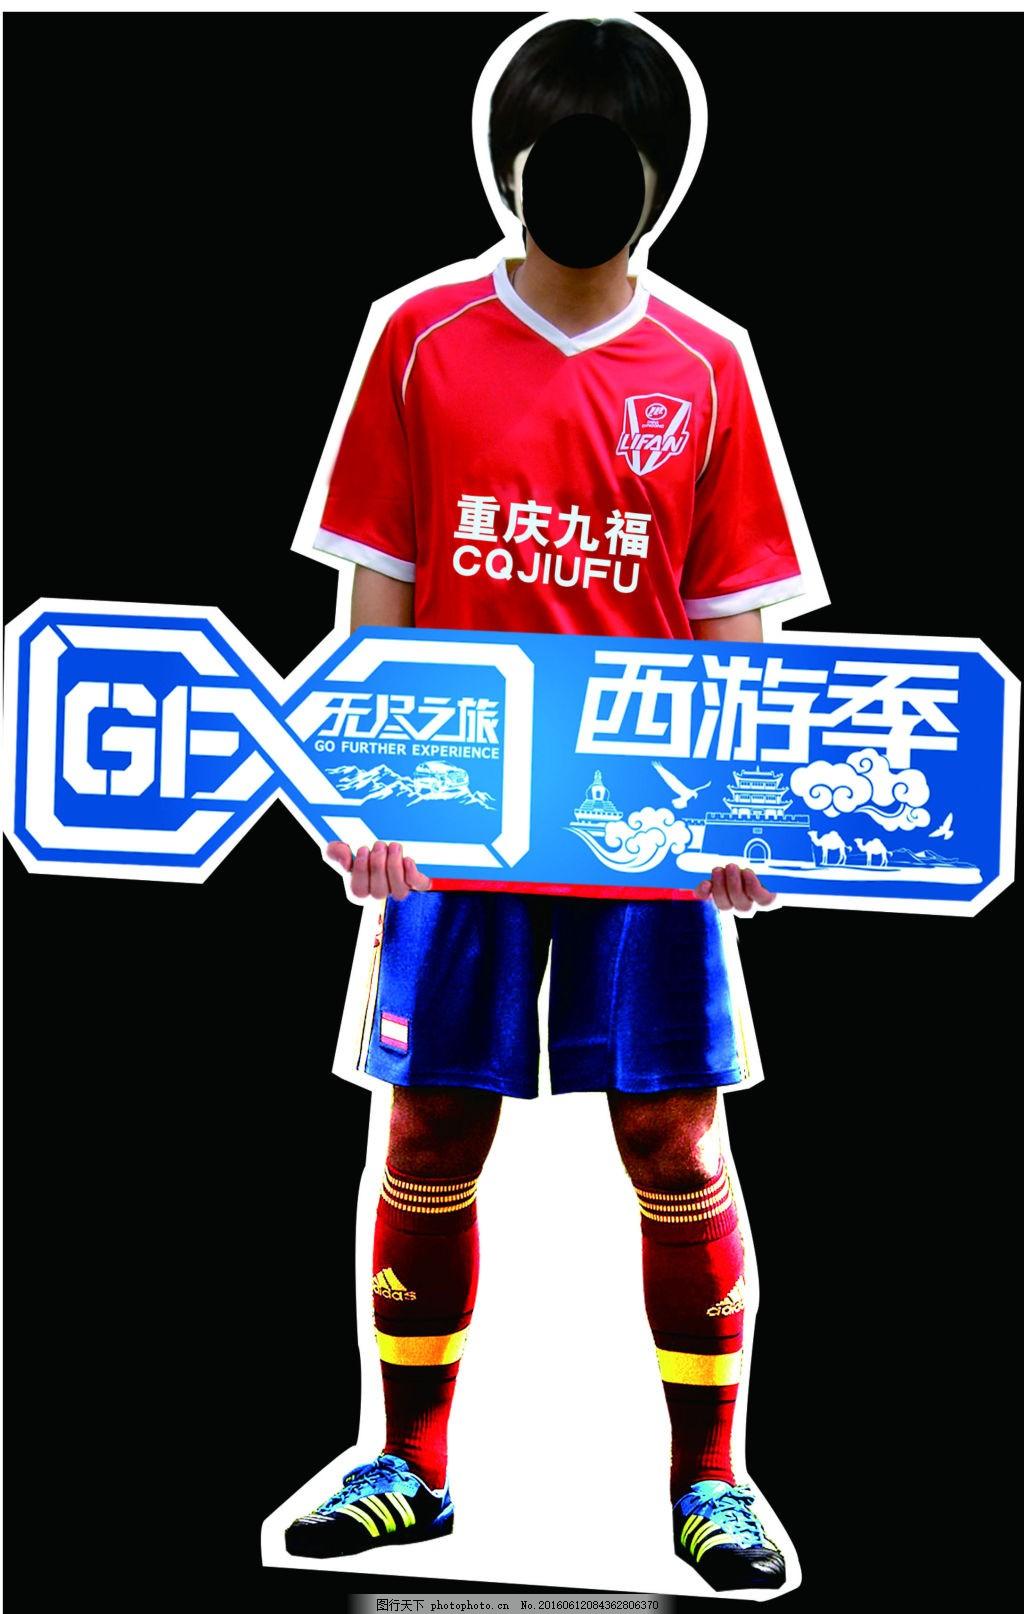 人形拍照板 西游 足球 cdr 黑色 汽车 展架 海报 福特 促销 倒计时 一